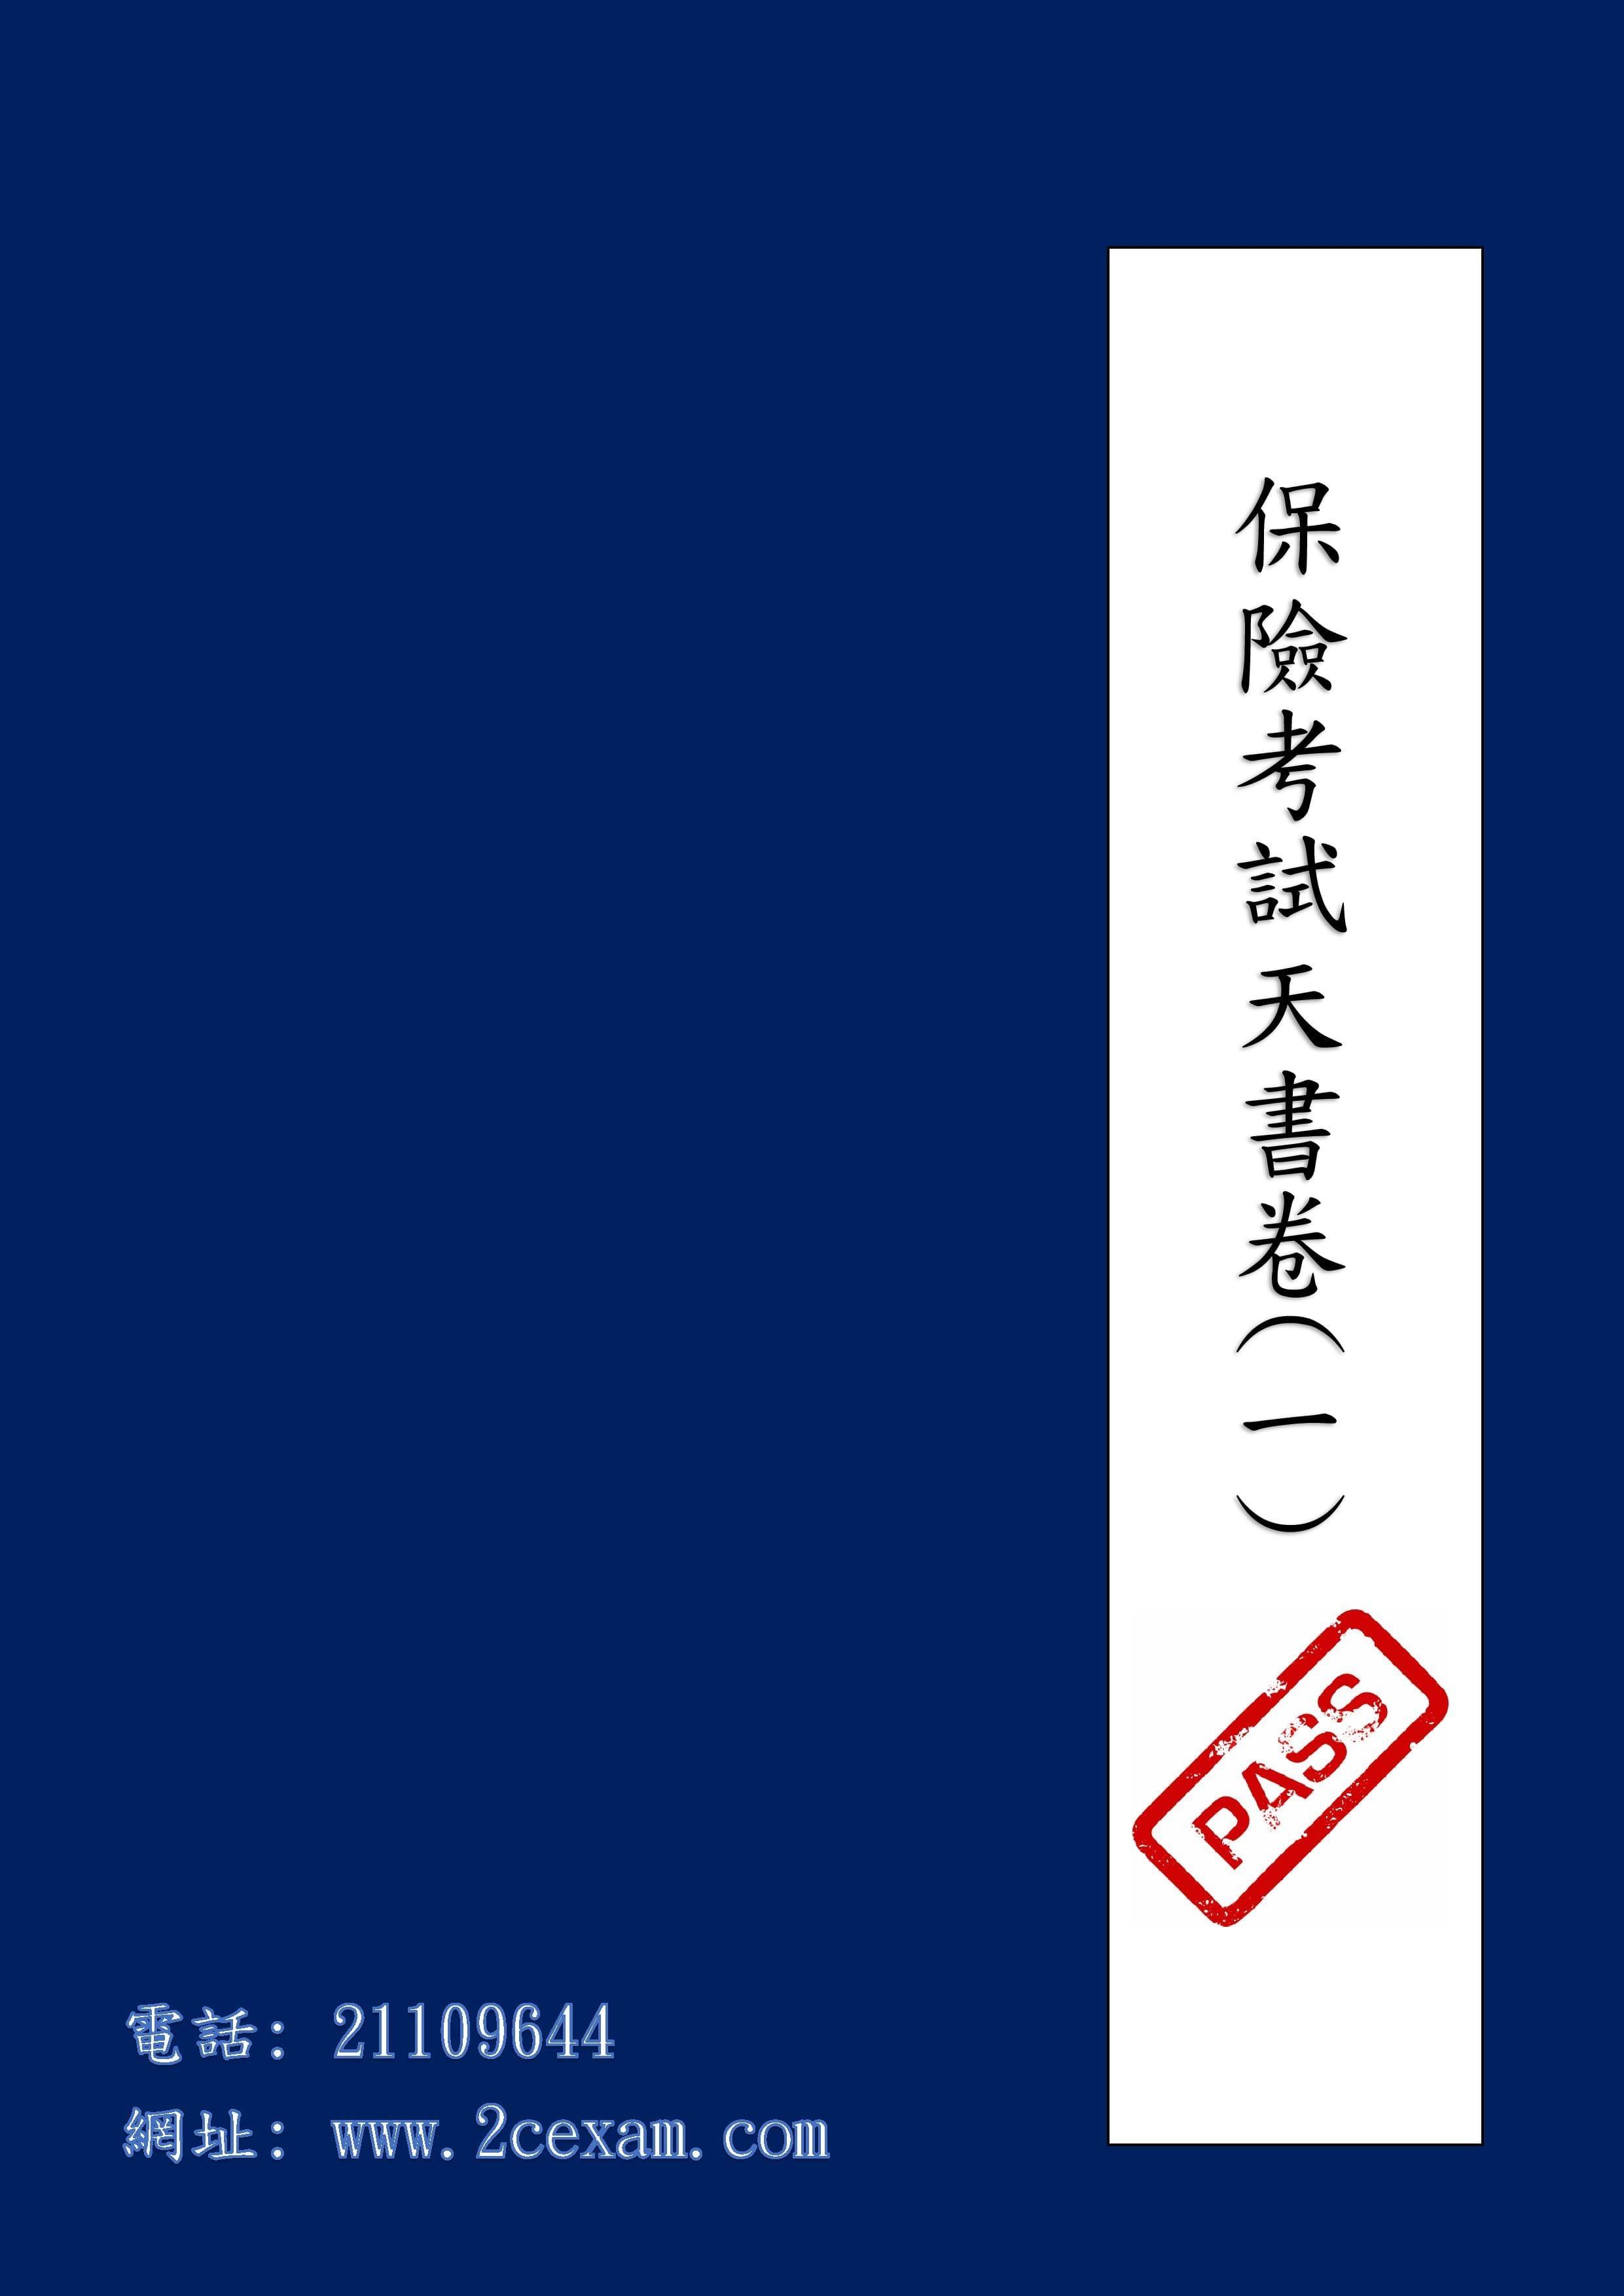 保險考試天書卷(一) iiqe paper 1 study notes